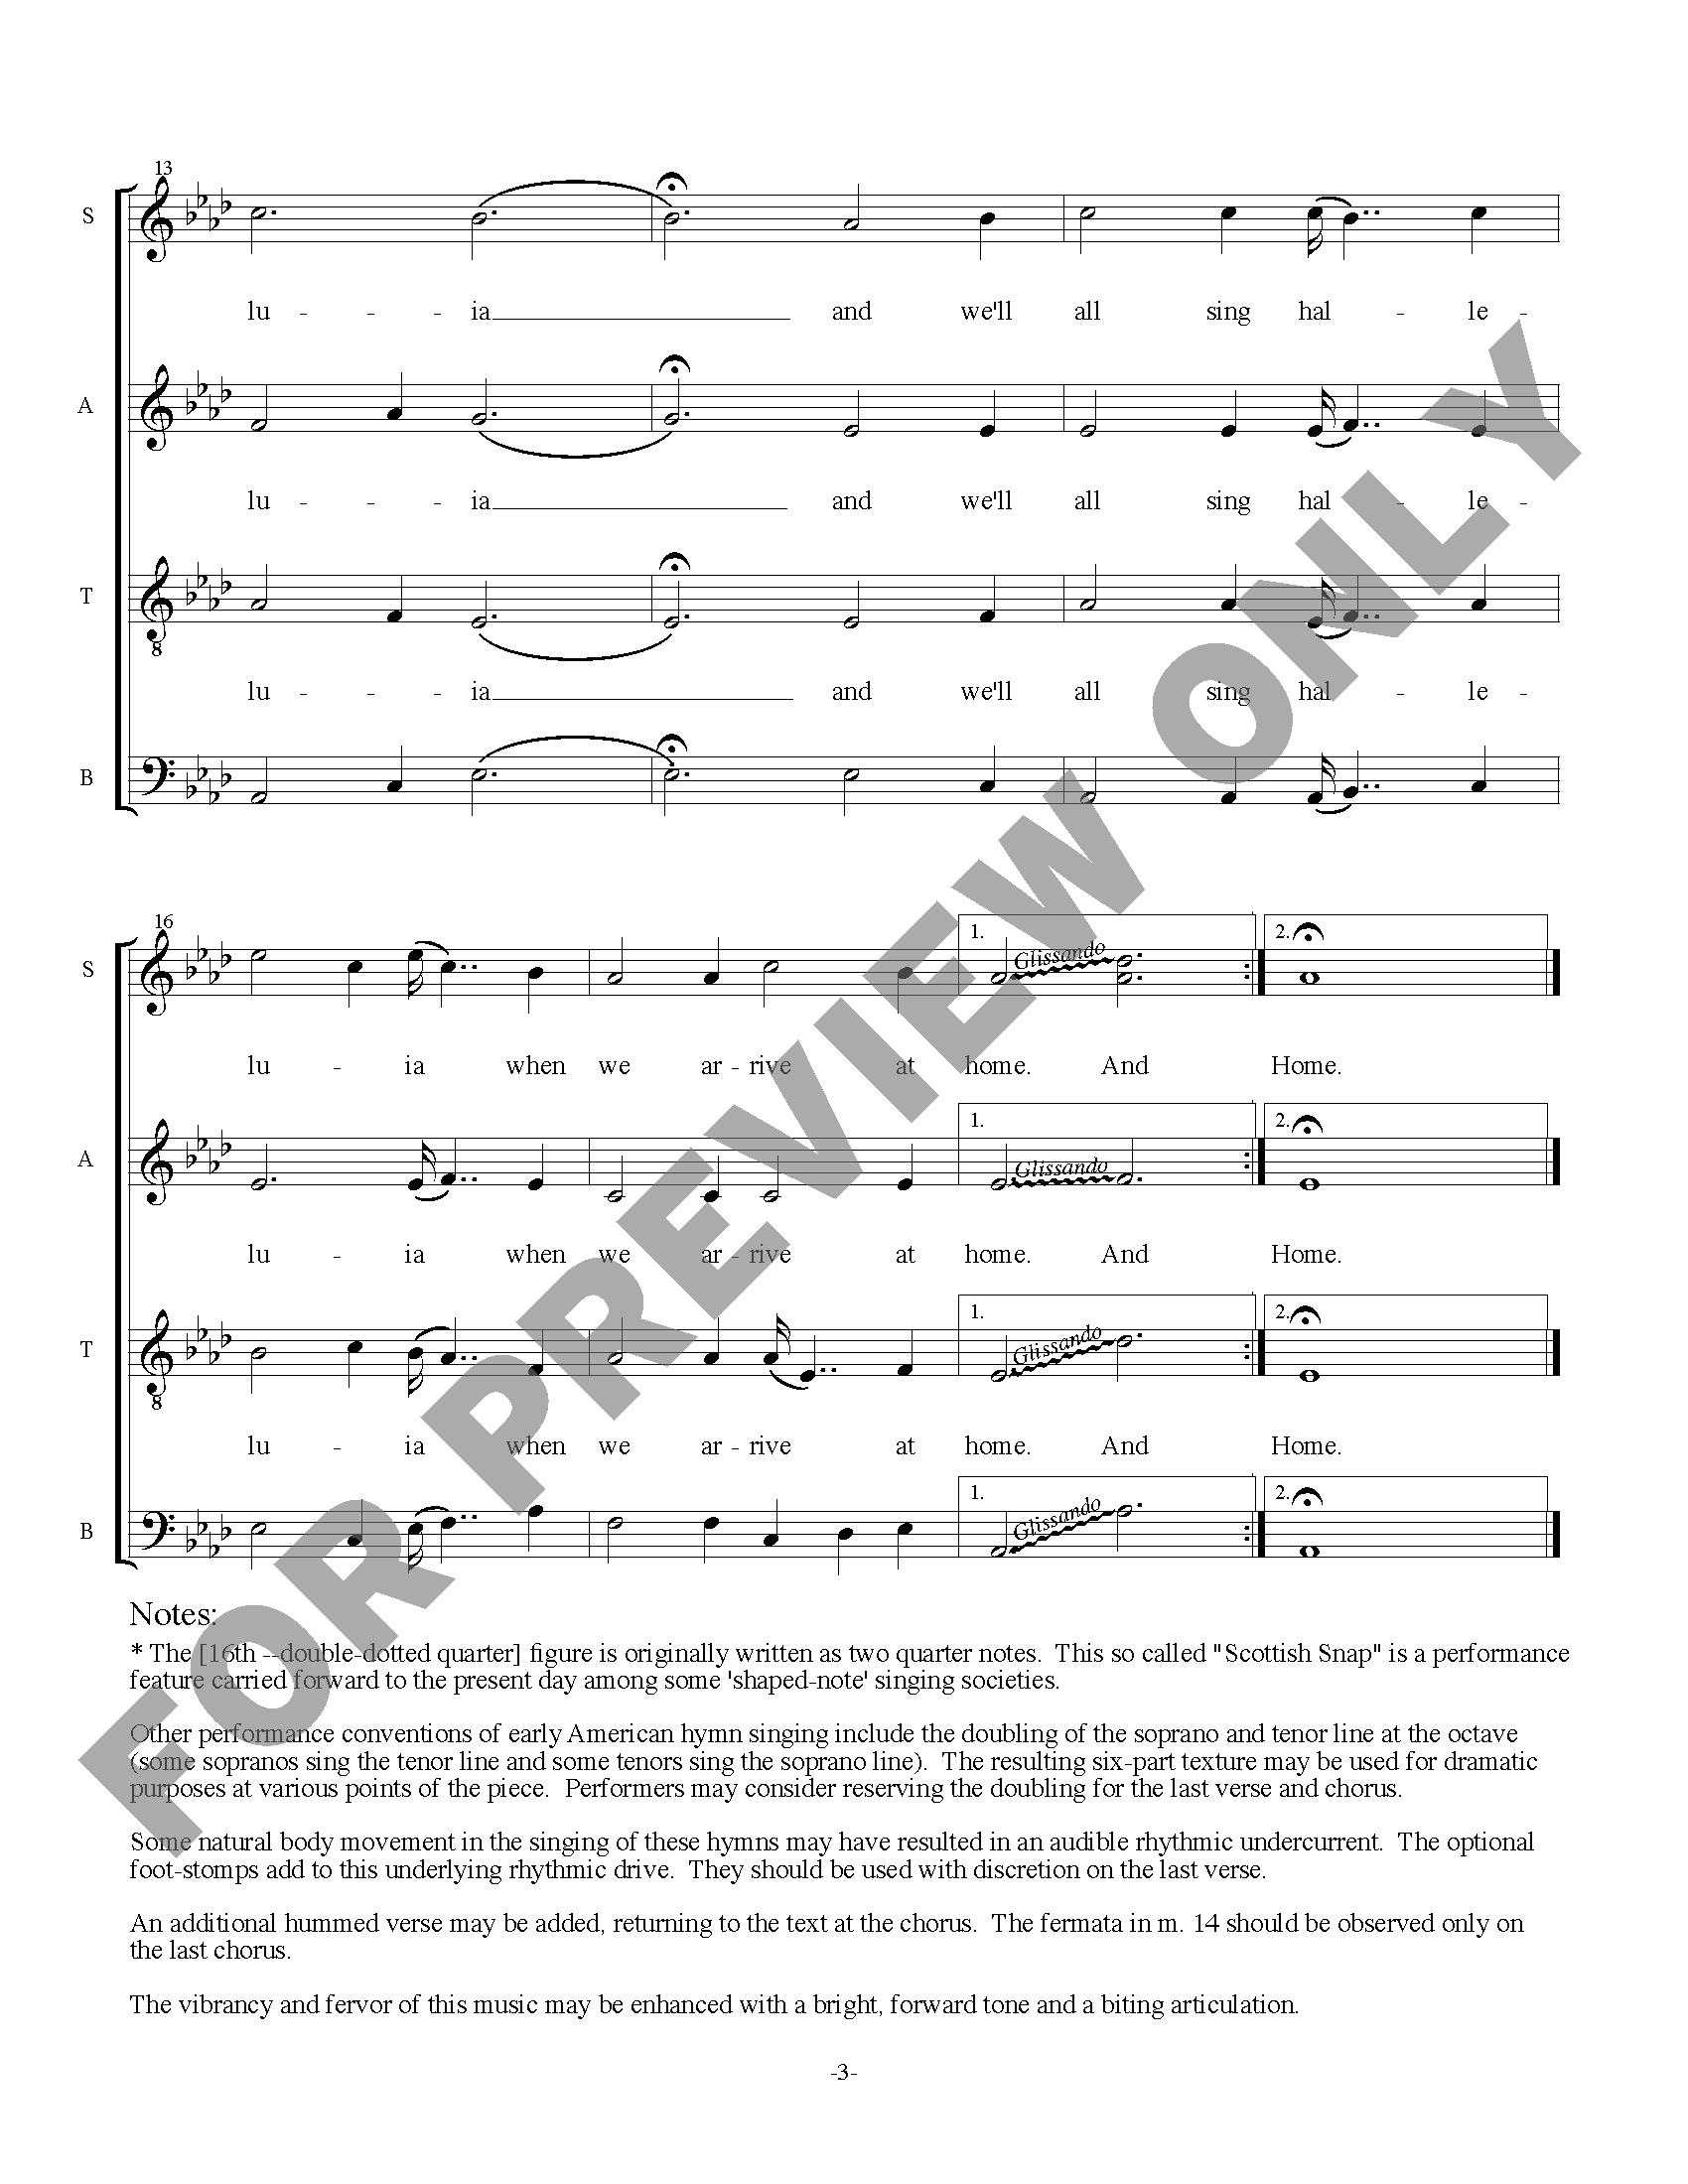 hallelujah-perusal_Page_3